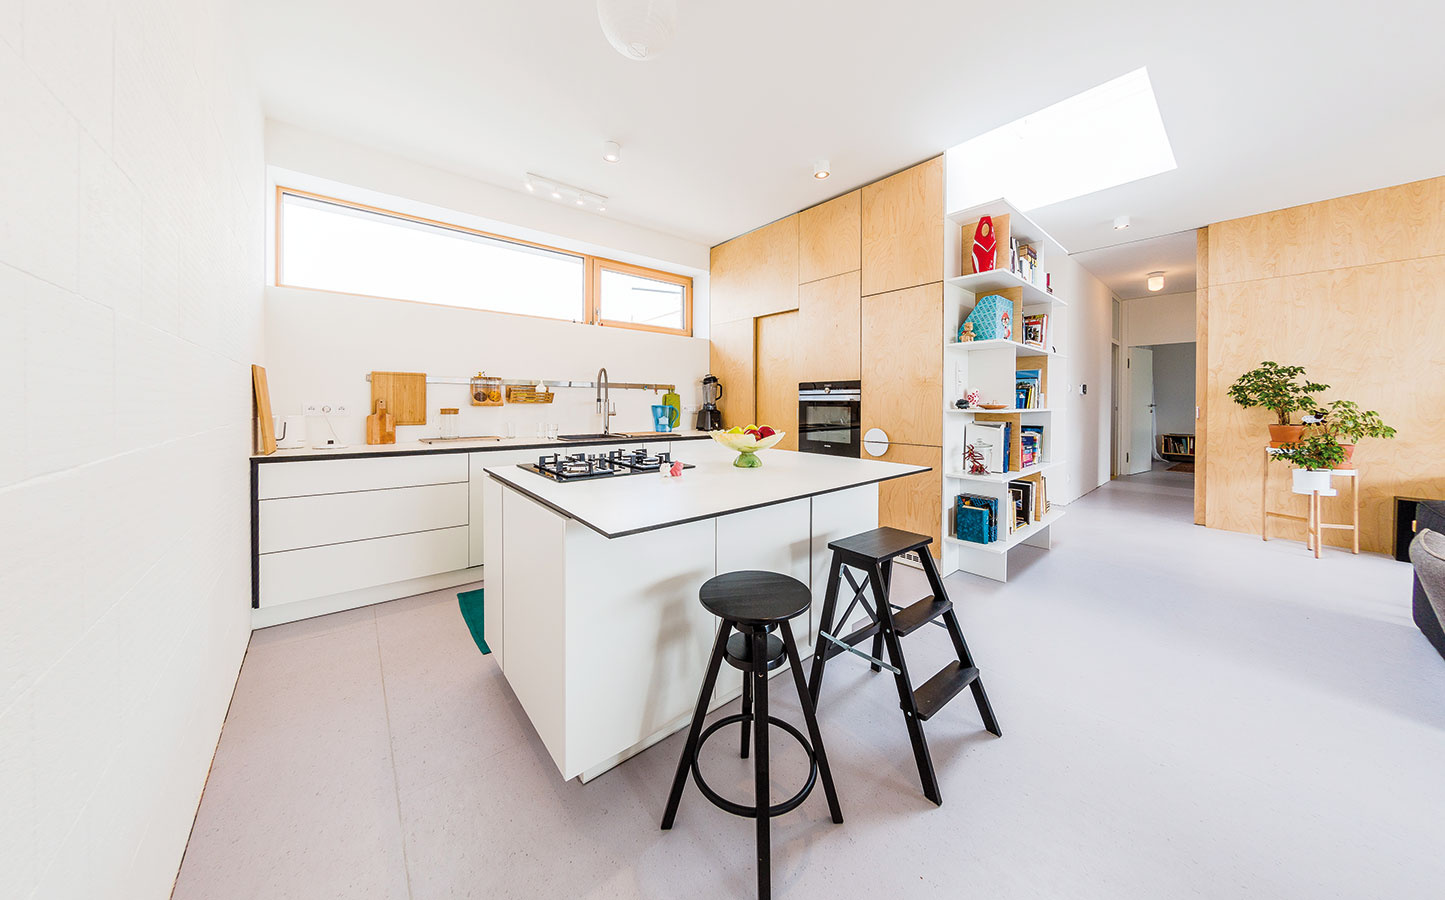 Charakteristickým prvkom dennej zóny je preglejkový obklad – ozvláštňuje interiér azároveň vytvára prepojenie medzi časťami sodlišnou funkciou. Svetlé drevo príjemne doplnilo biele steny apodlahy zprírodných materiálov (linoleum akaučuk) apreteplilo moderný priestor.